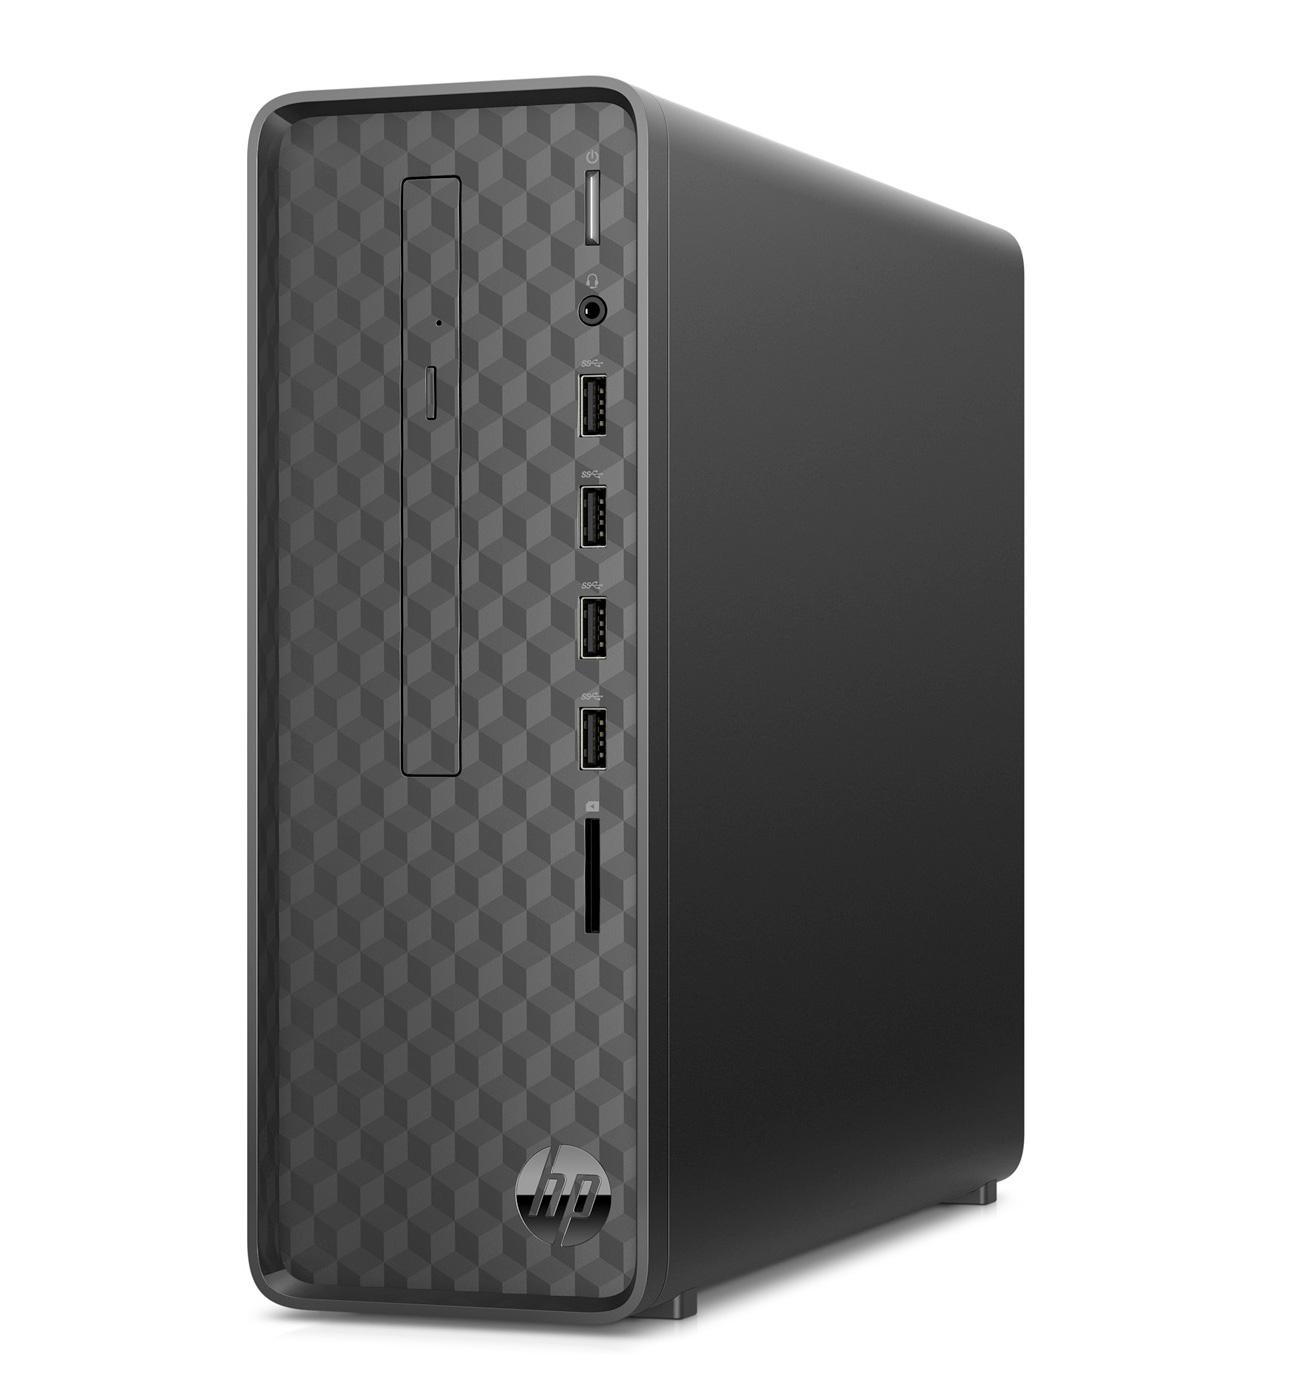 HP Slim Desktop S01-aF0005ng Jet Black